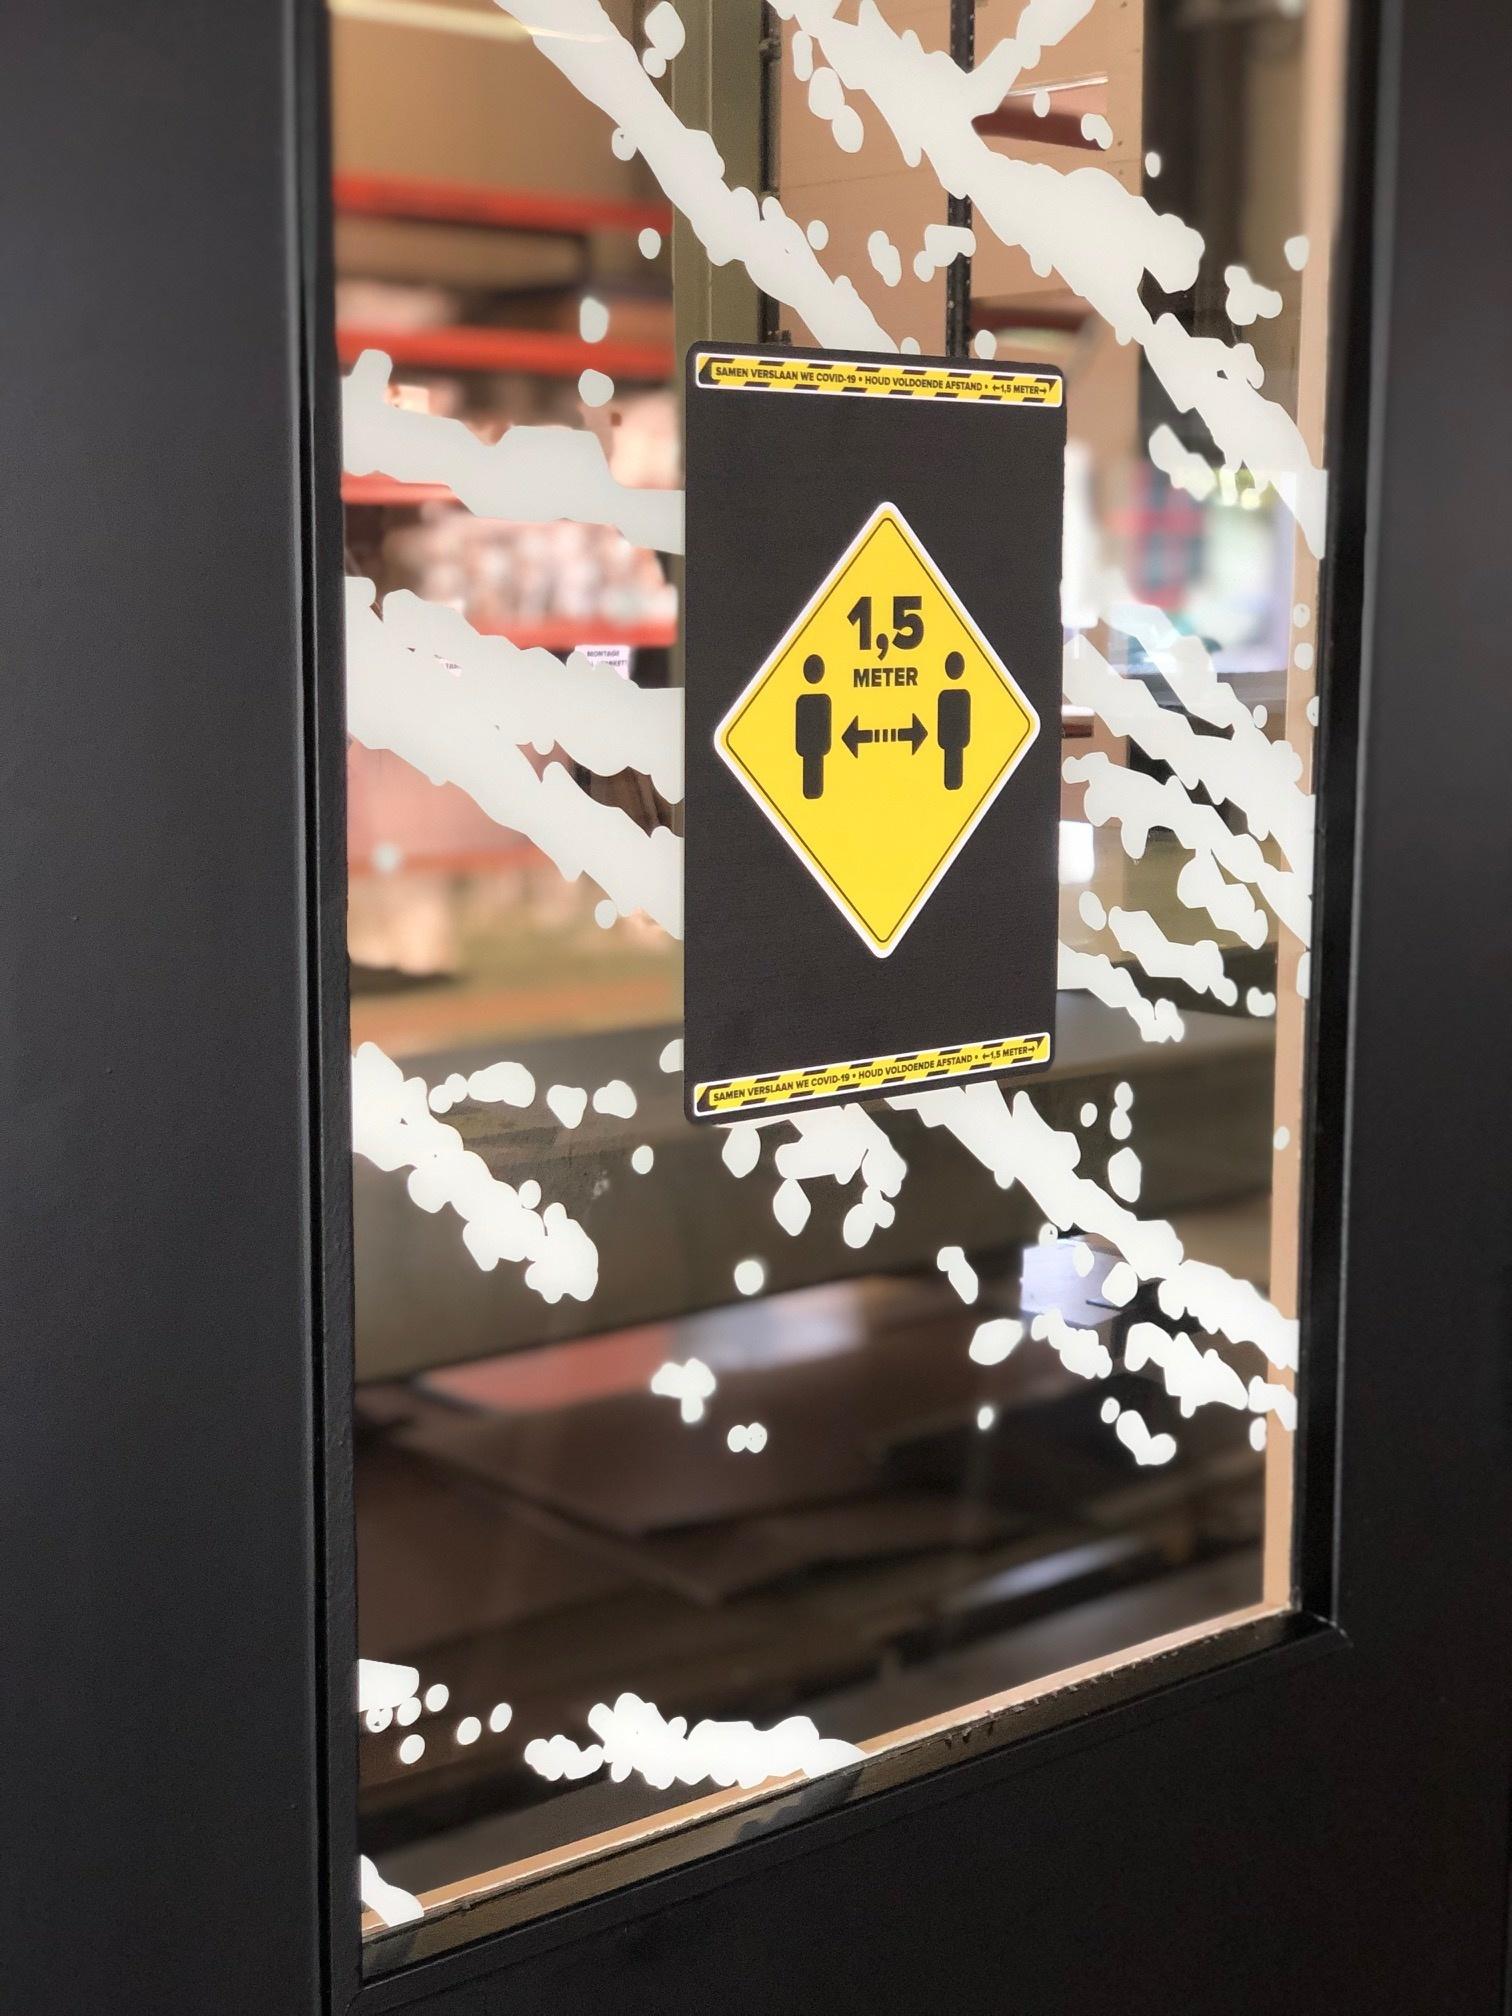 Waarschuwing stickers: Afstand bewaren A4